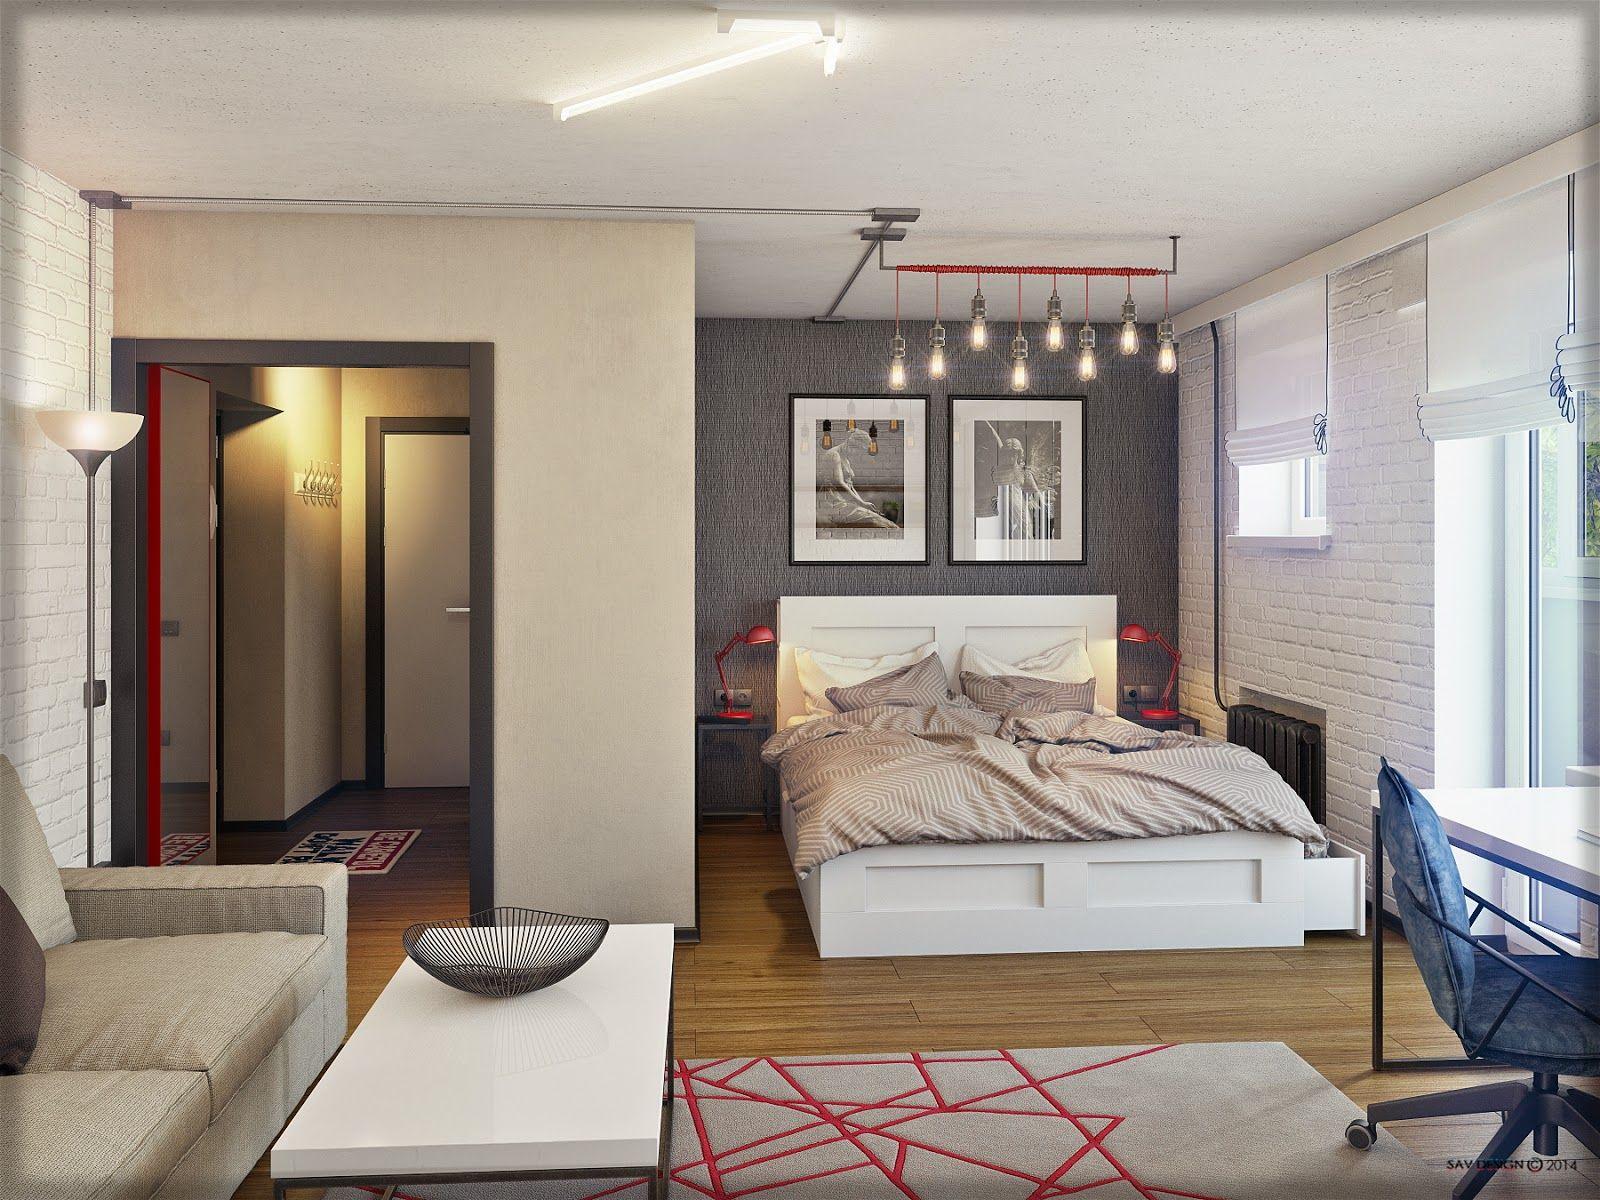 дизайн квартиры однокомнатной 7